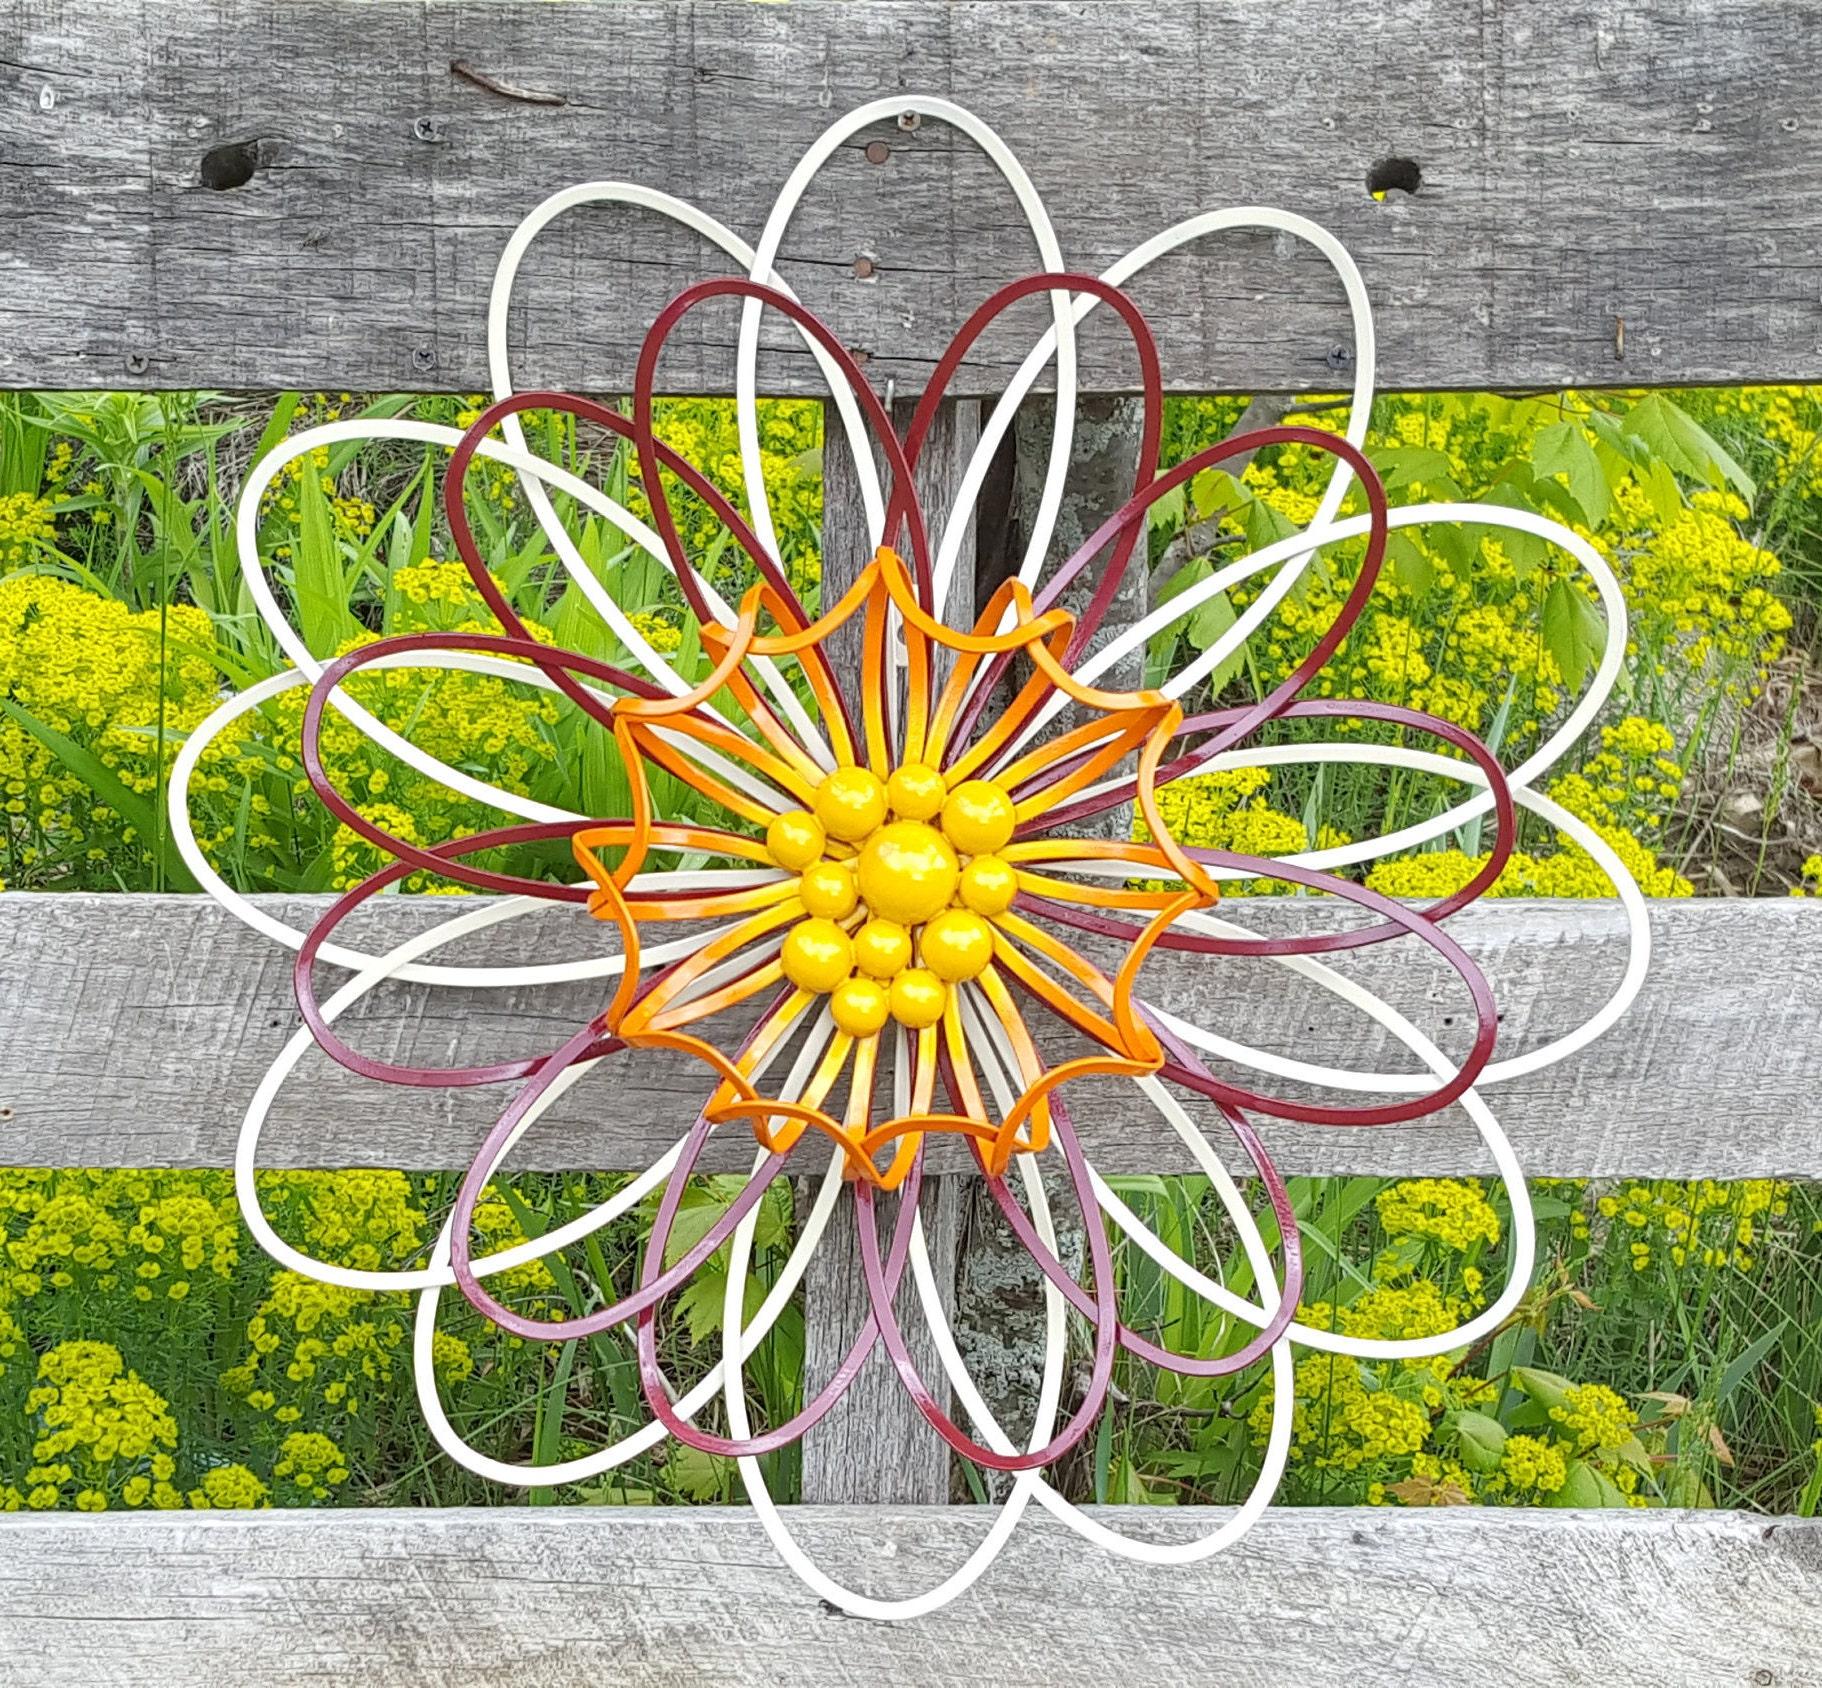 Large Metal Flower Wall Art/ Flower wall decor/ Garden Fence